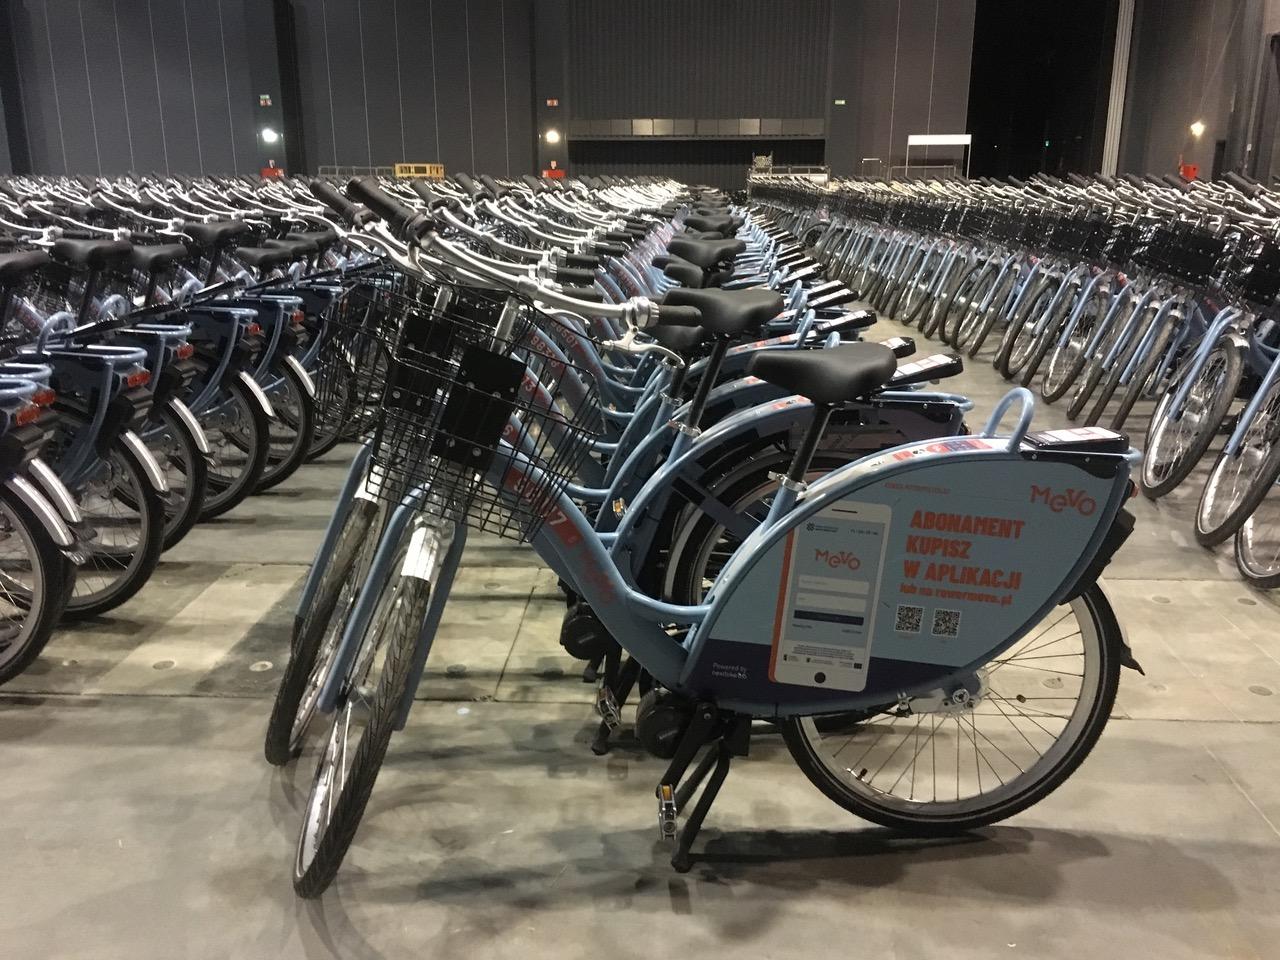 Rowery wkrótce trafią na ulice metropolii (fot. UMWP)